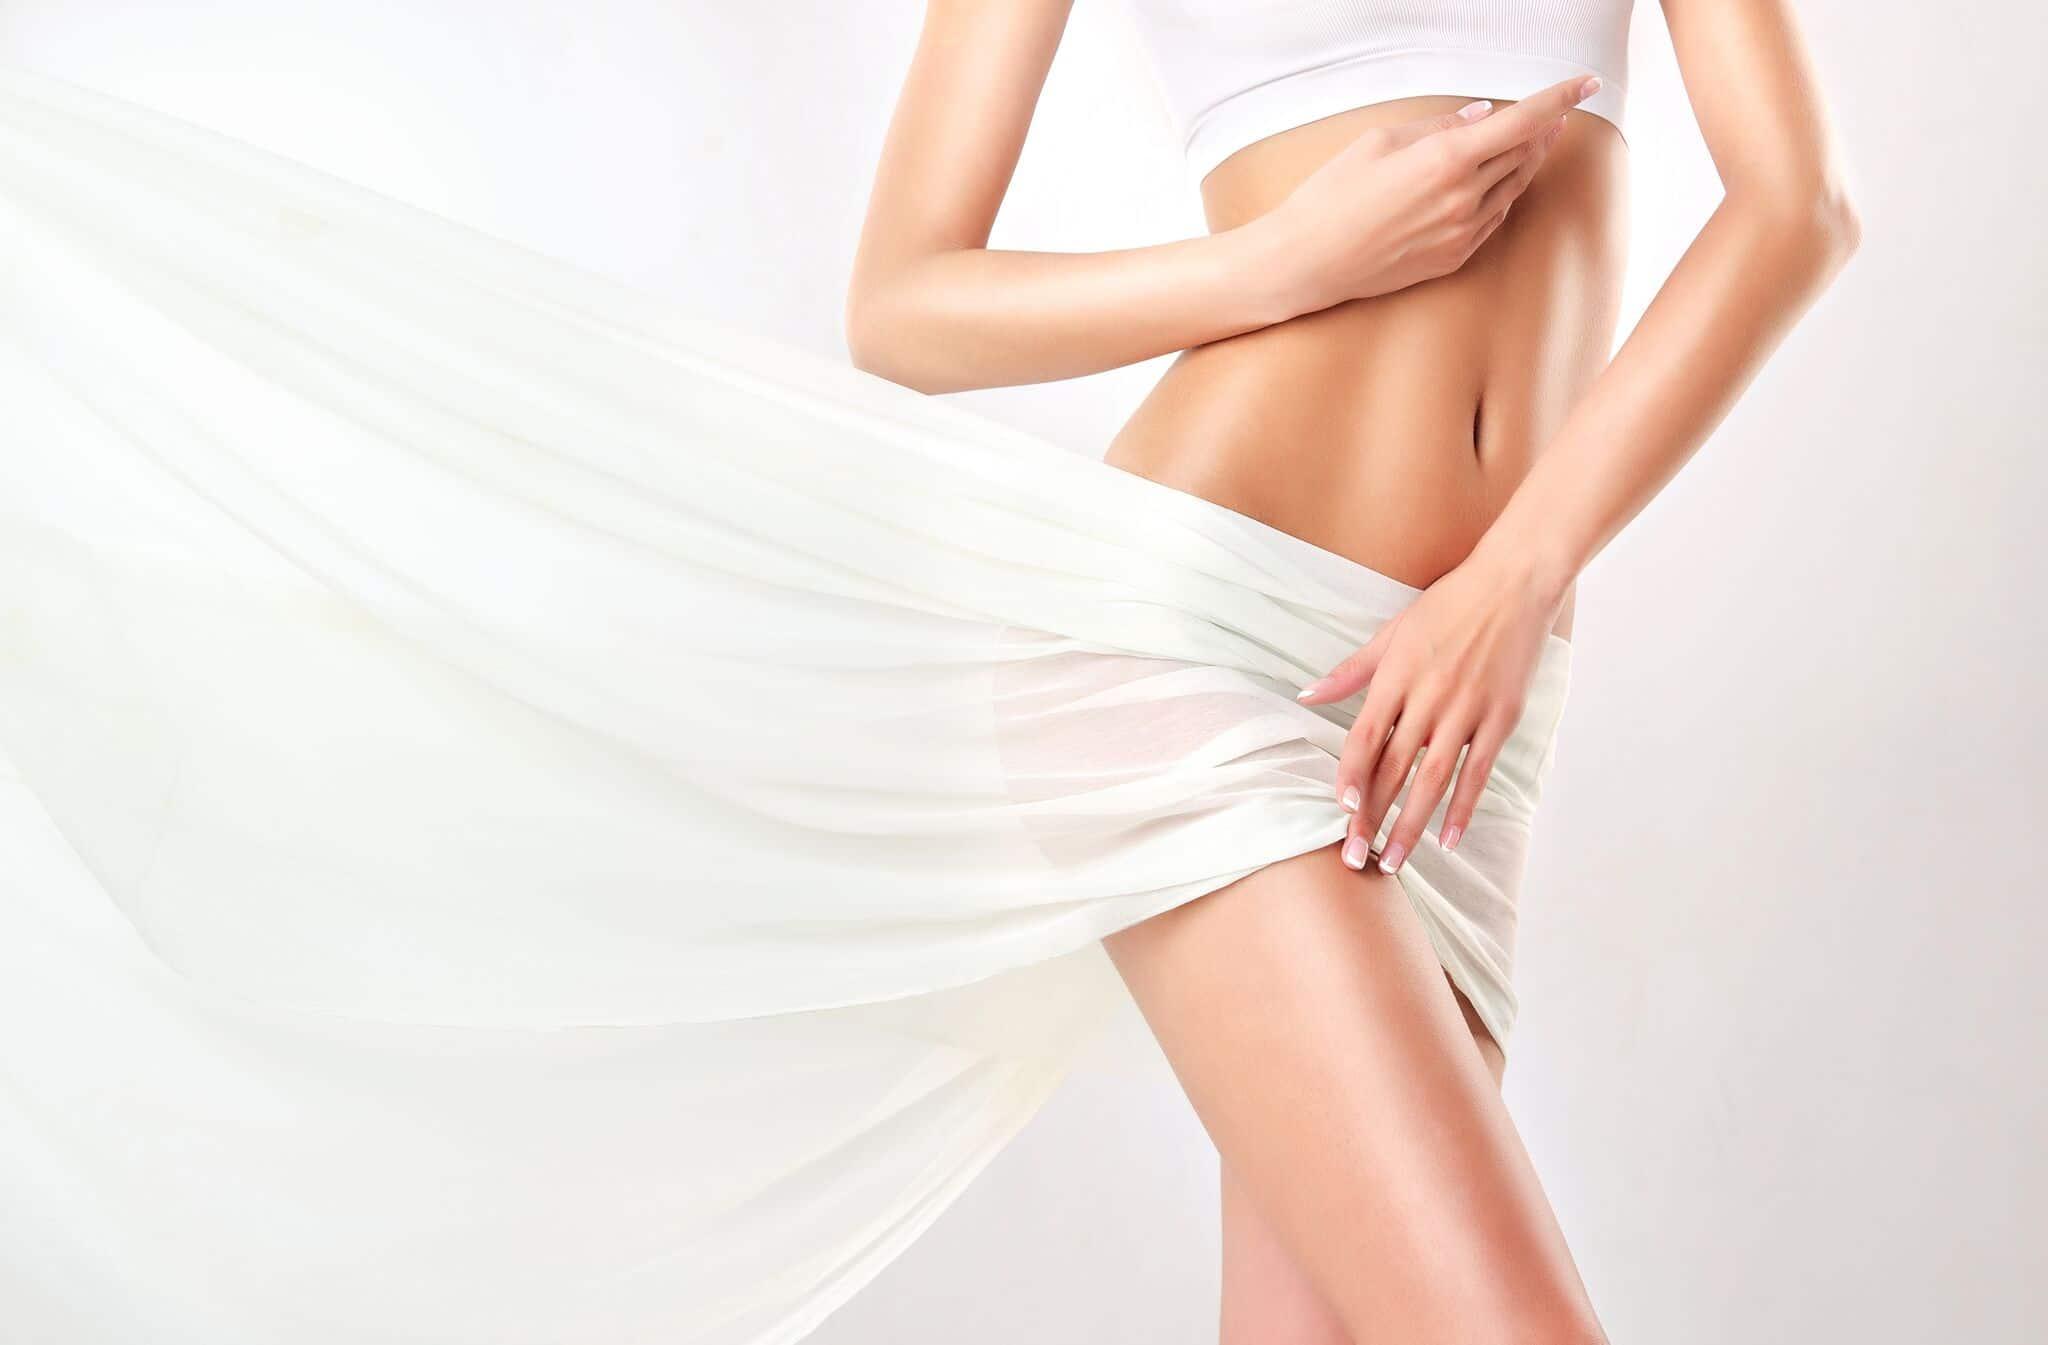 rejuvenare vaginala